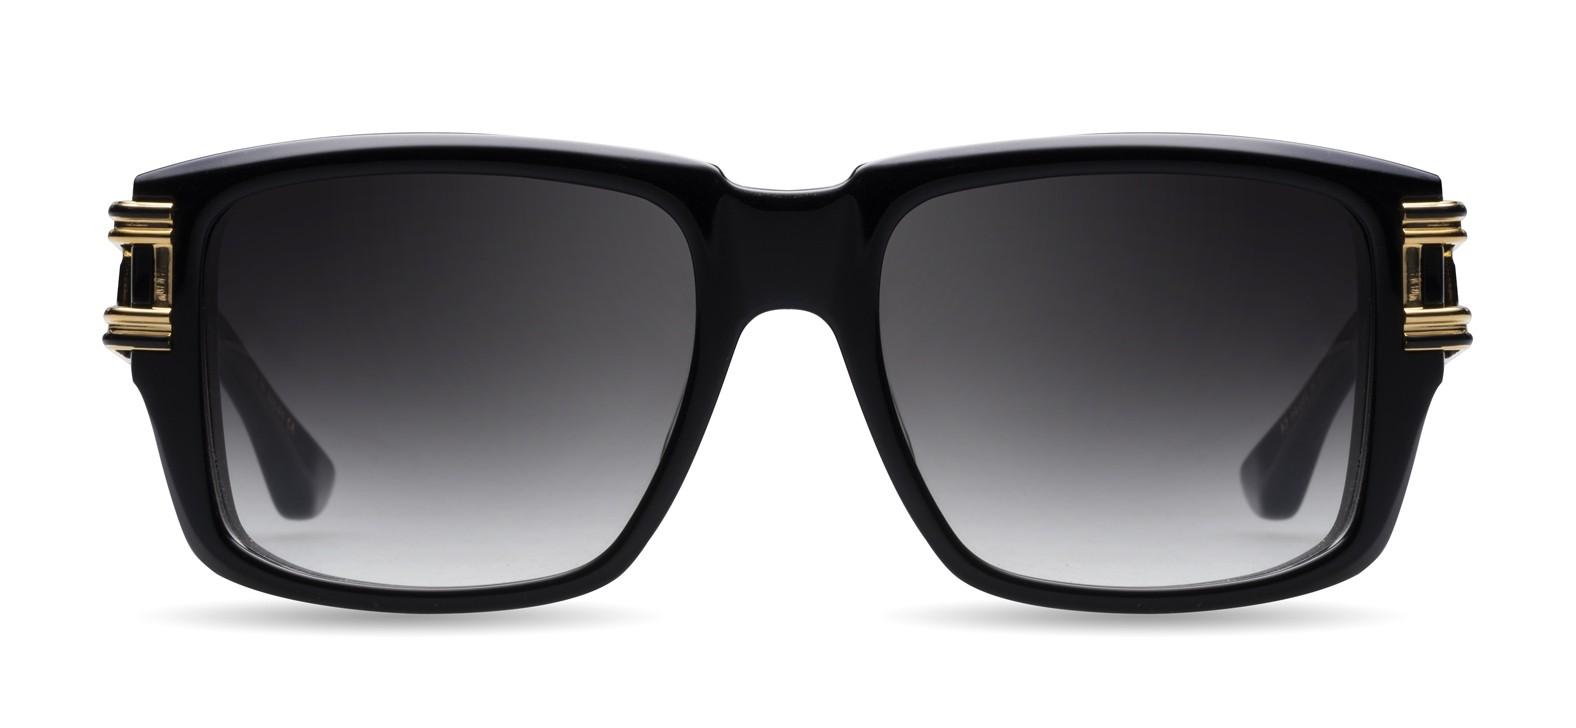 Dita okulary przeciwsłoneczne GRANDMASTER TWO limited edition DTS402